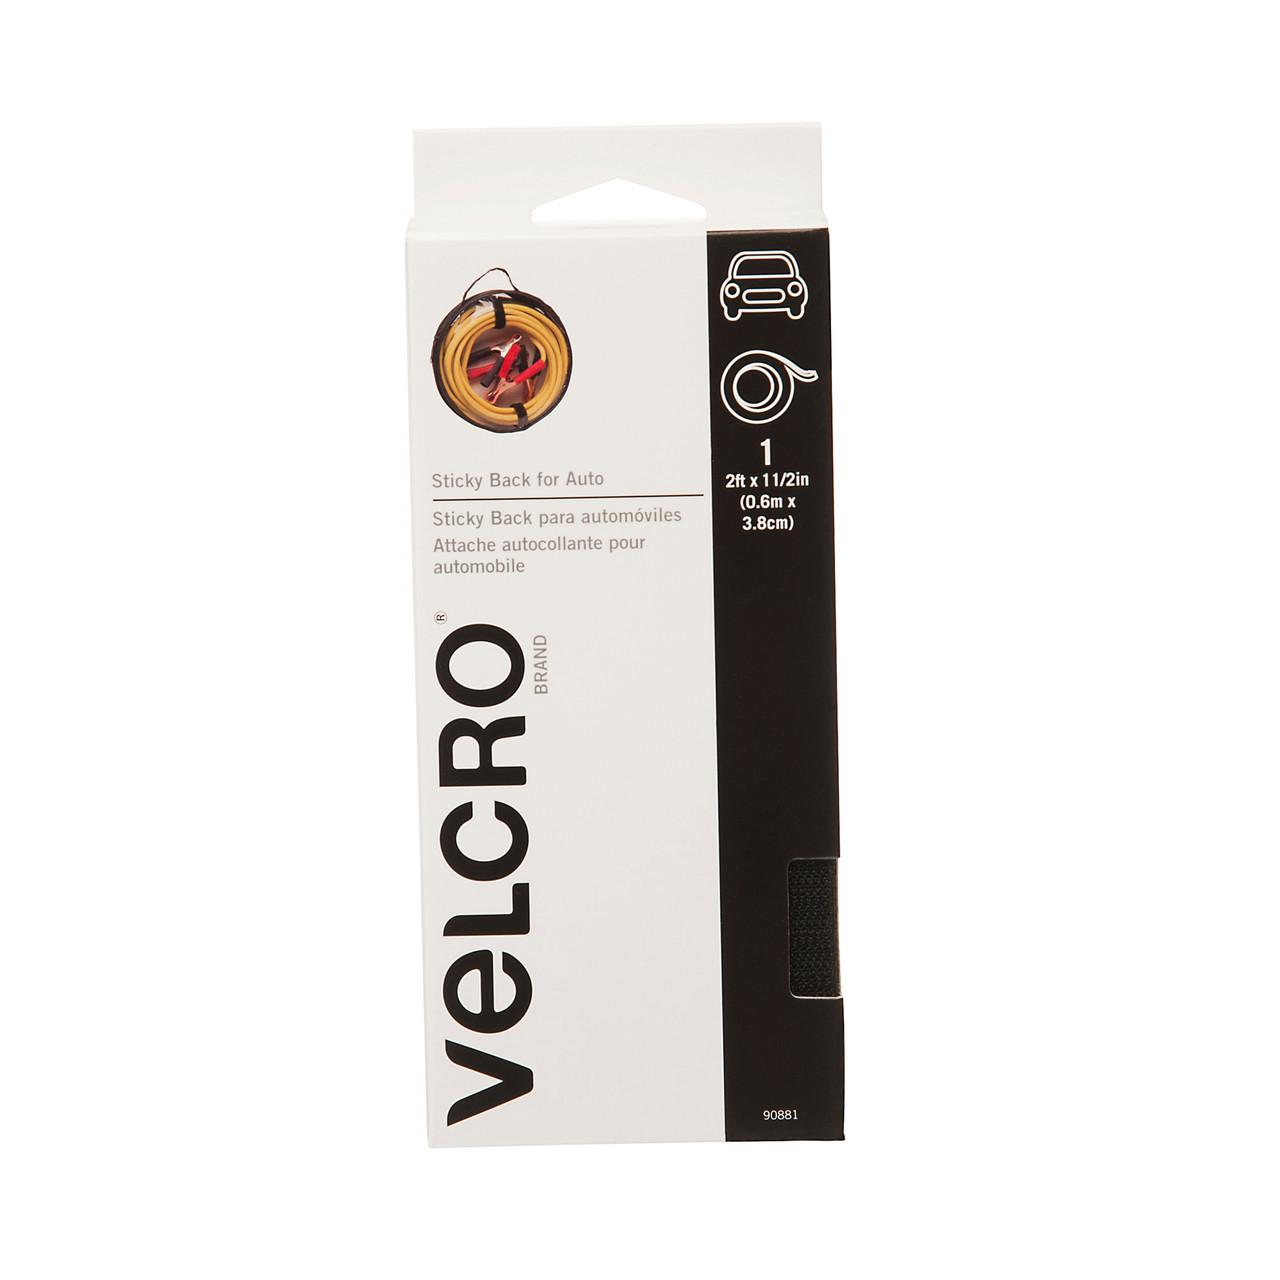 VELCRO® Brand Sticky Back for Auto